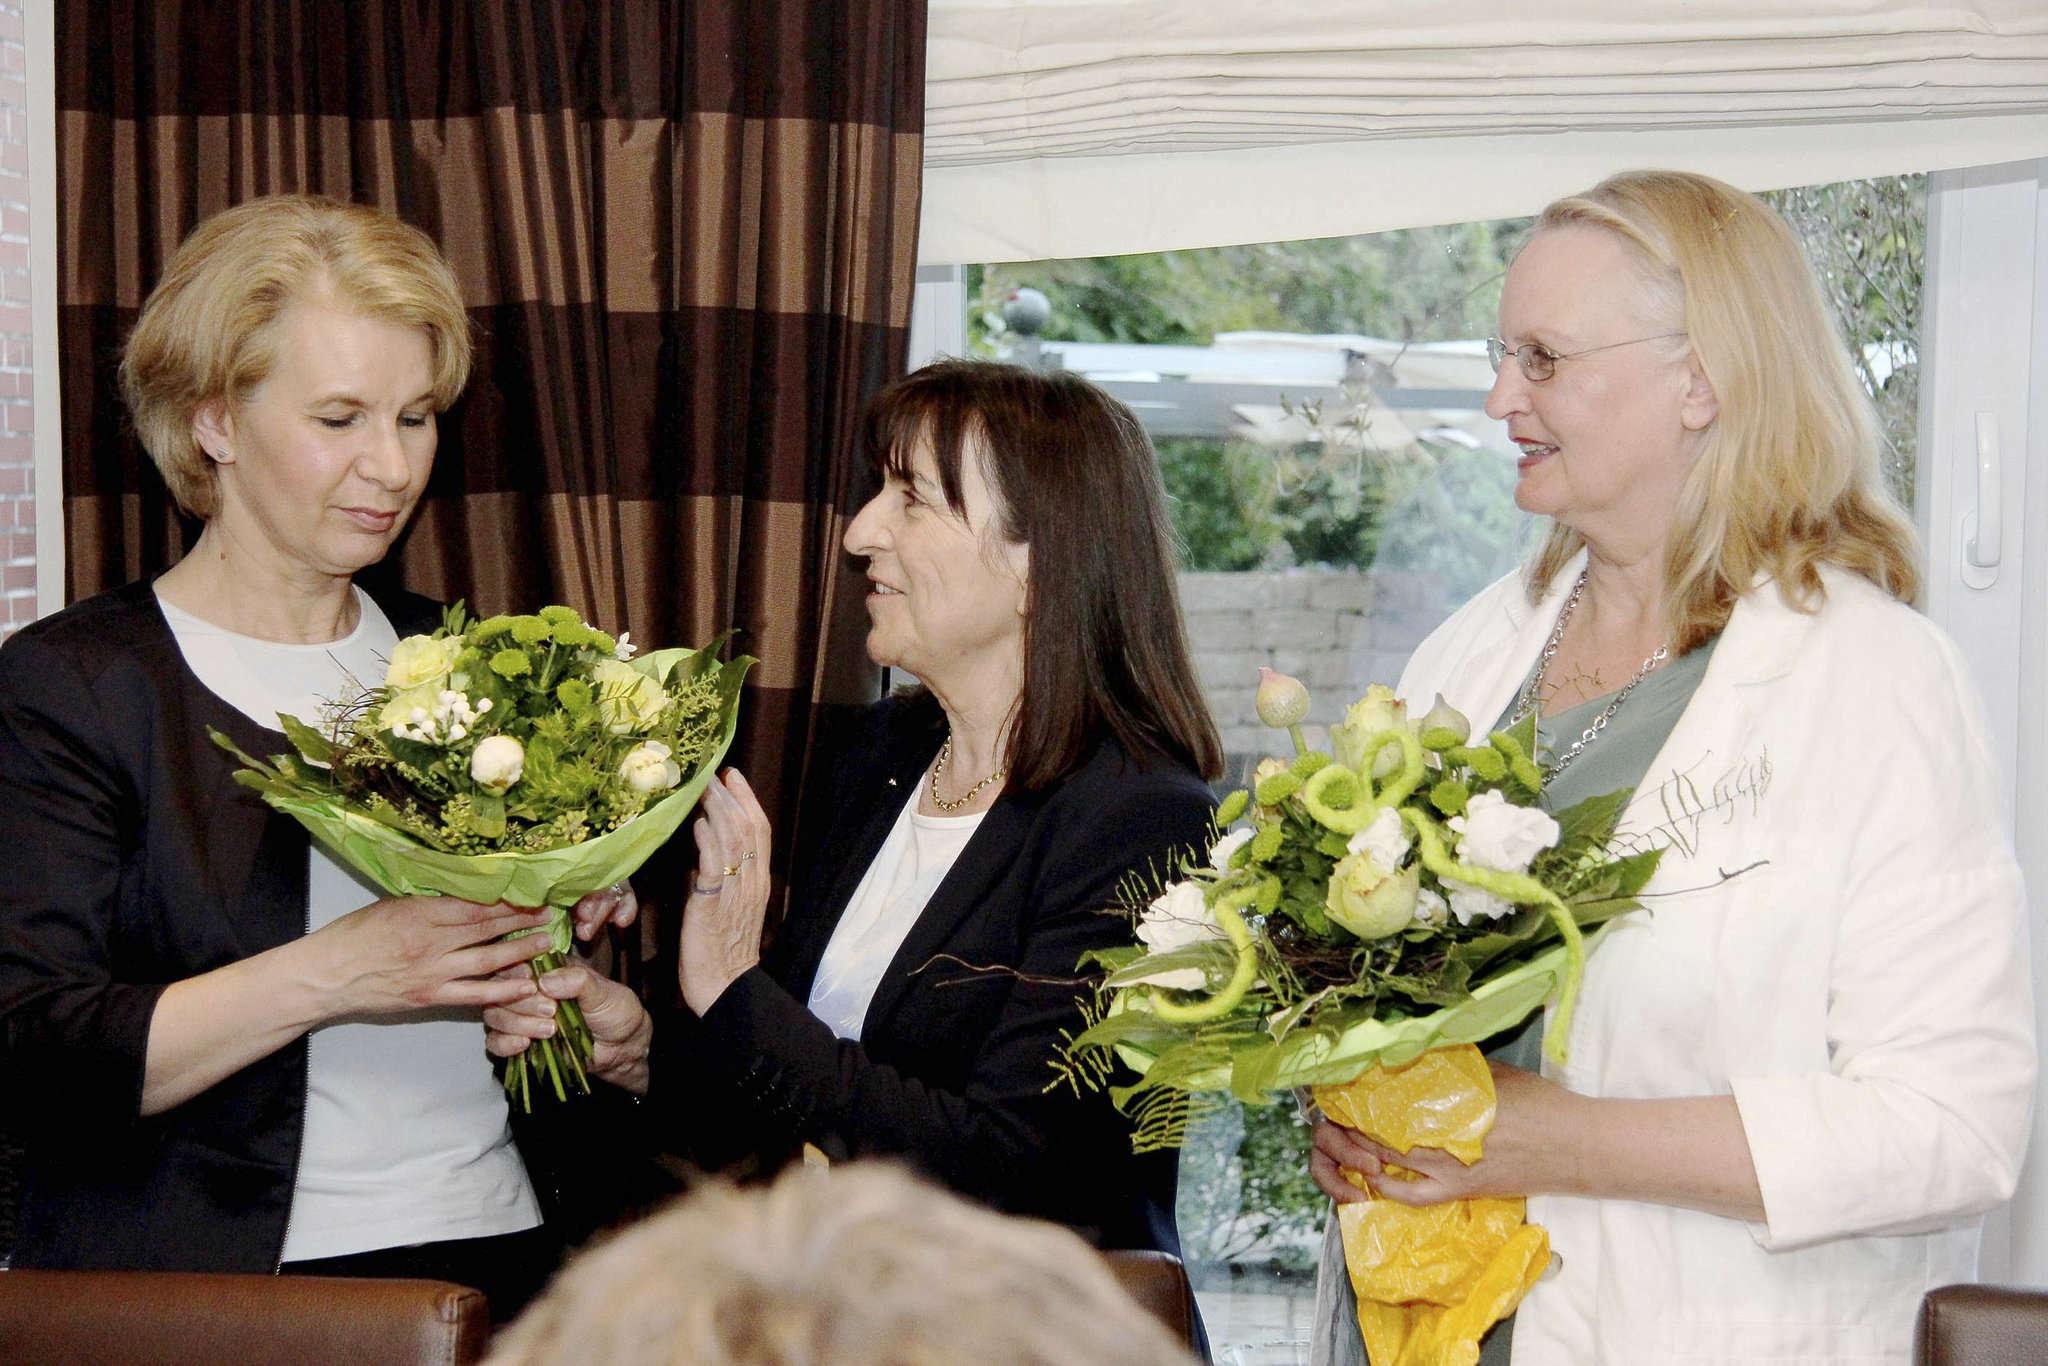 Elke Twesten (von links), Gabriele Schnellrieder vom Grünen-Kreisverband und die neue Landtagskandidatin Birgit Brennecke bei der Kandidatenkür Ende Mai: